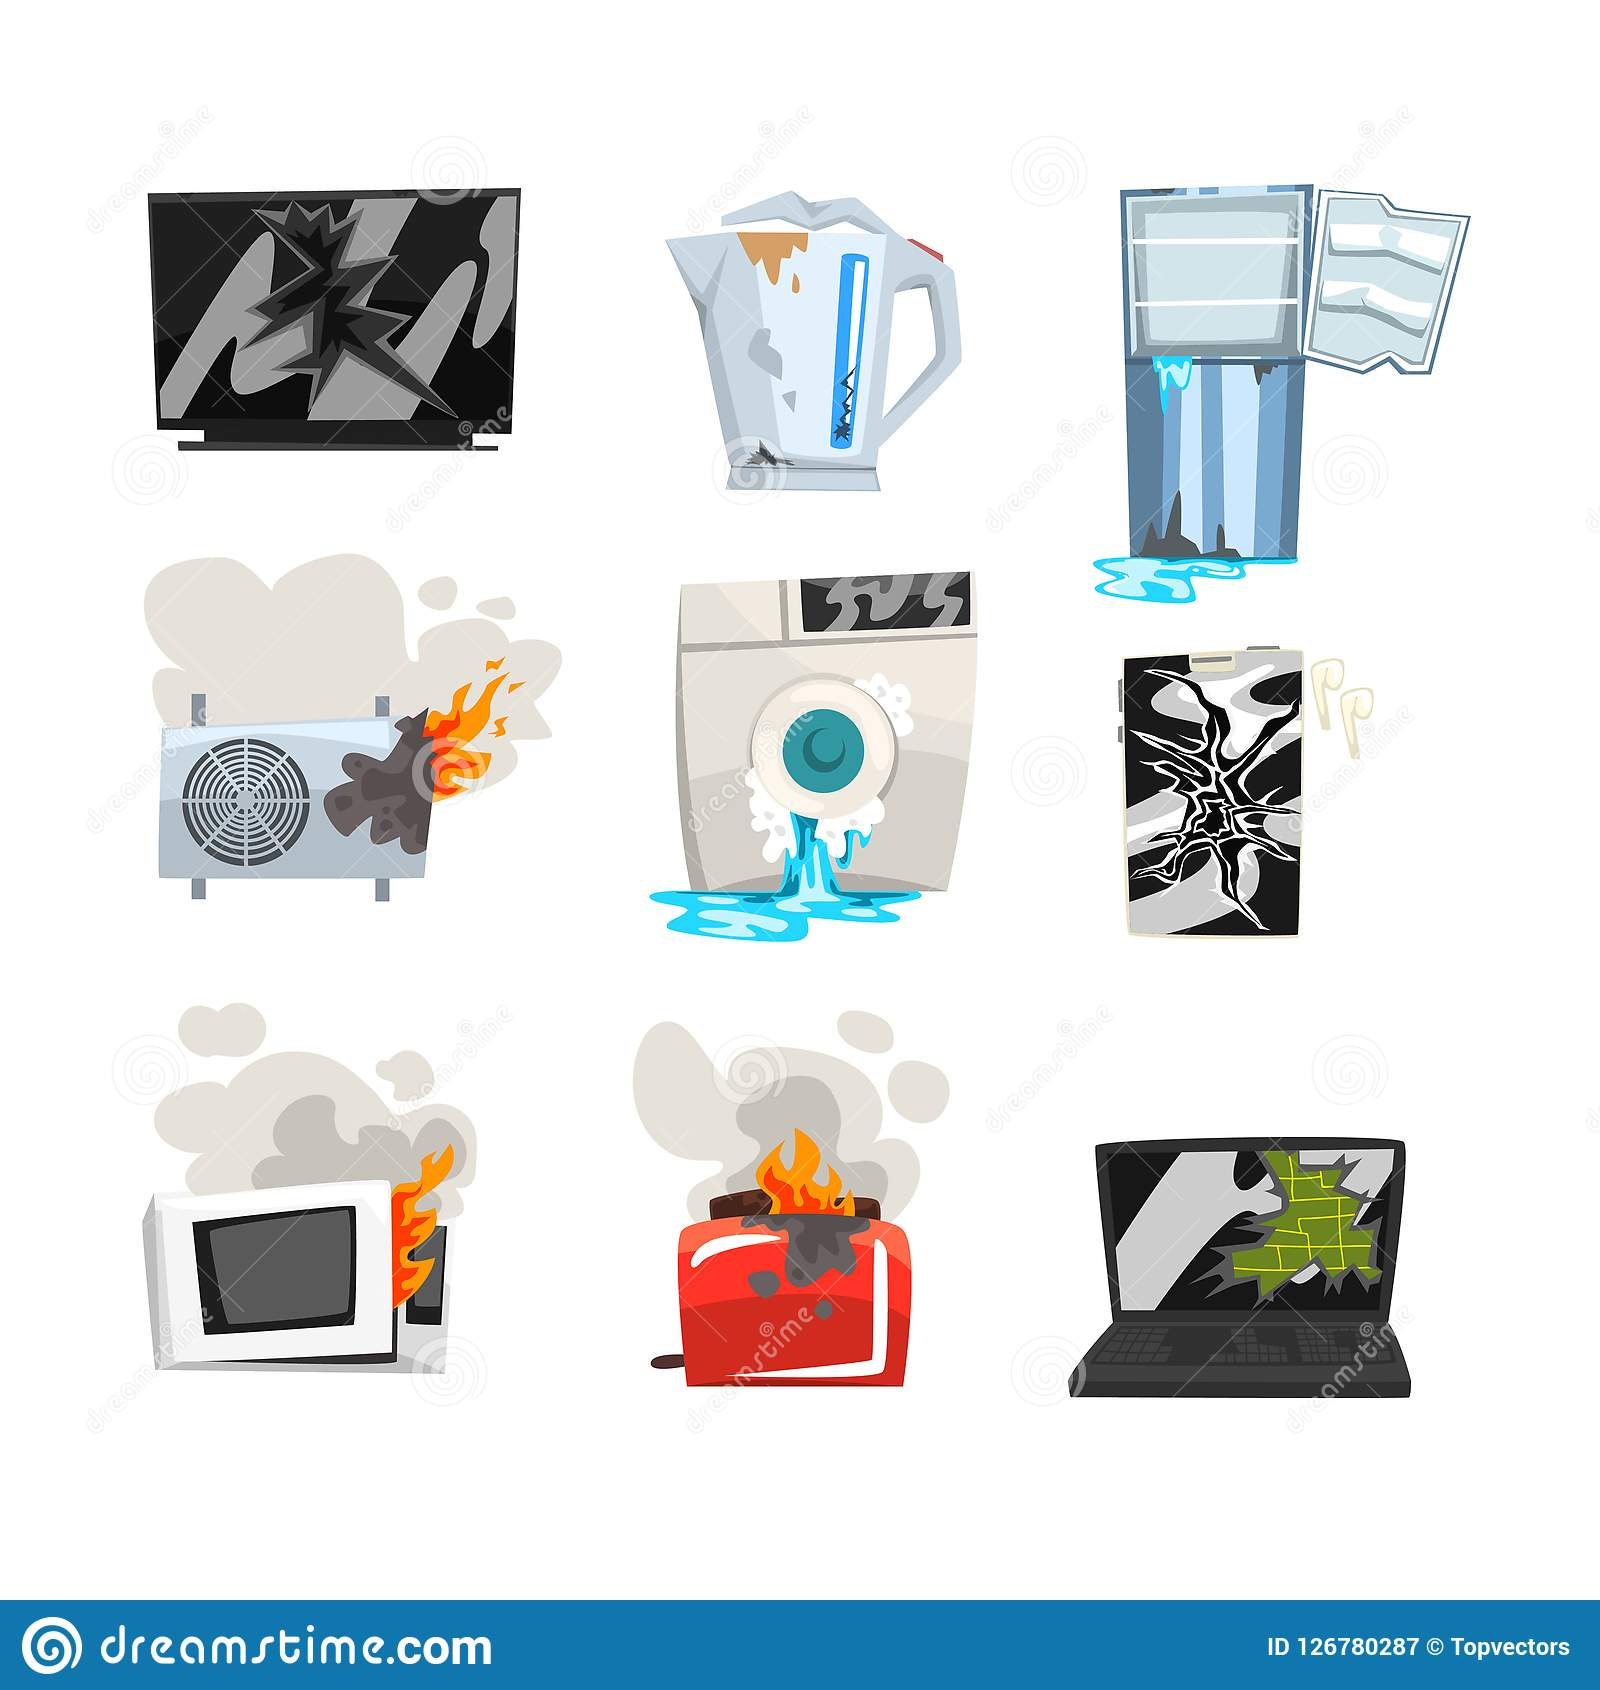 Sistema dañado del aparato electrodoméstico, TV rota, caldera, refrigerador, acondicionador de aire, lavadora, horno de microonda